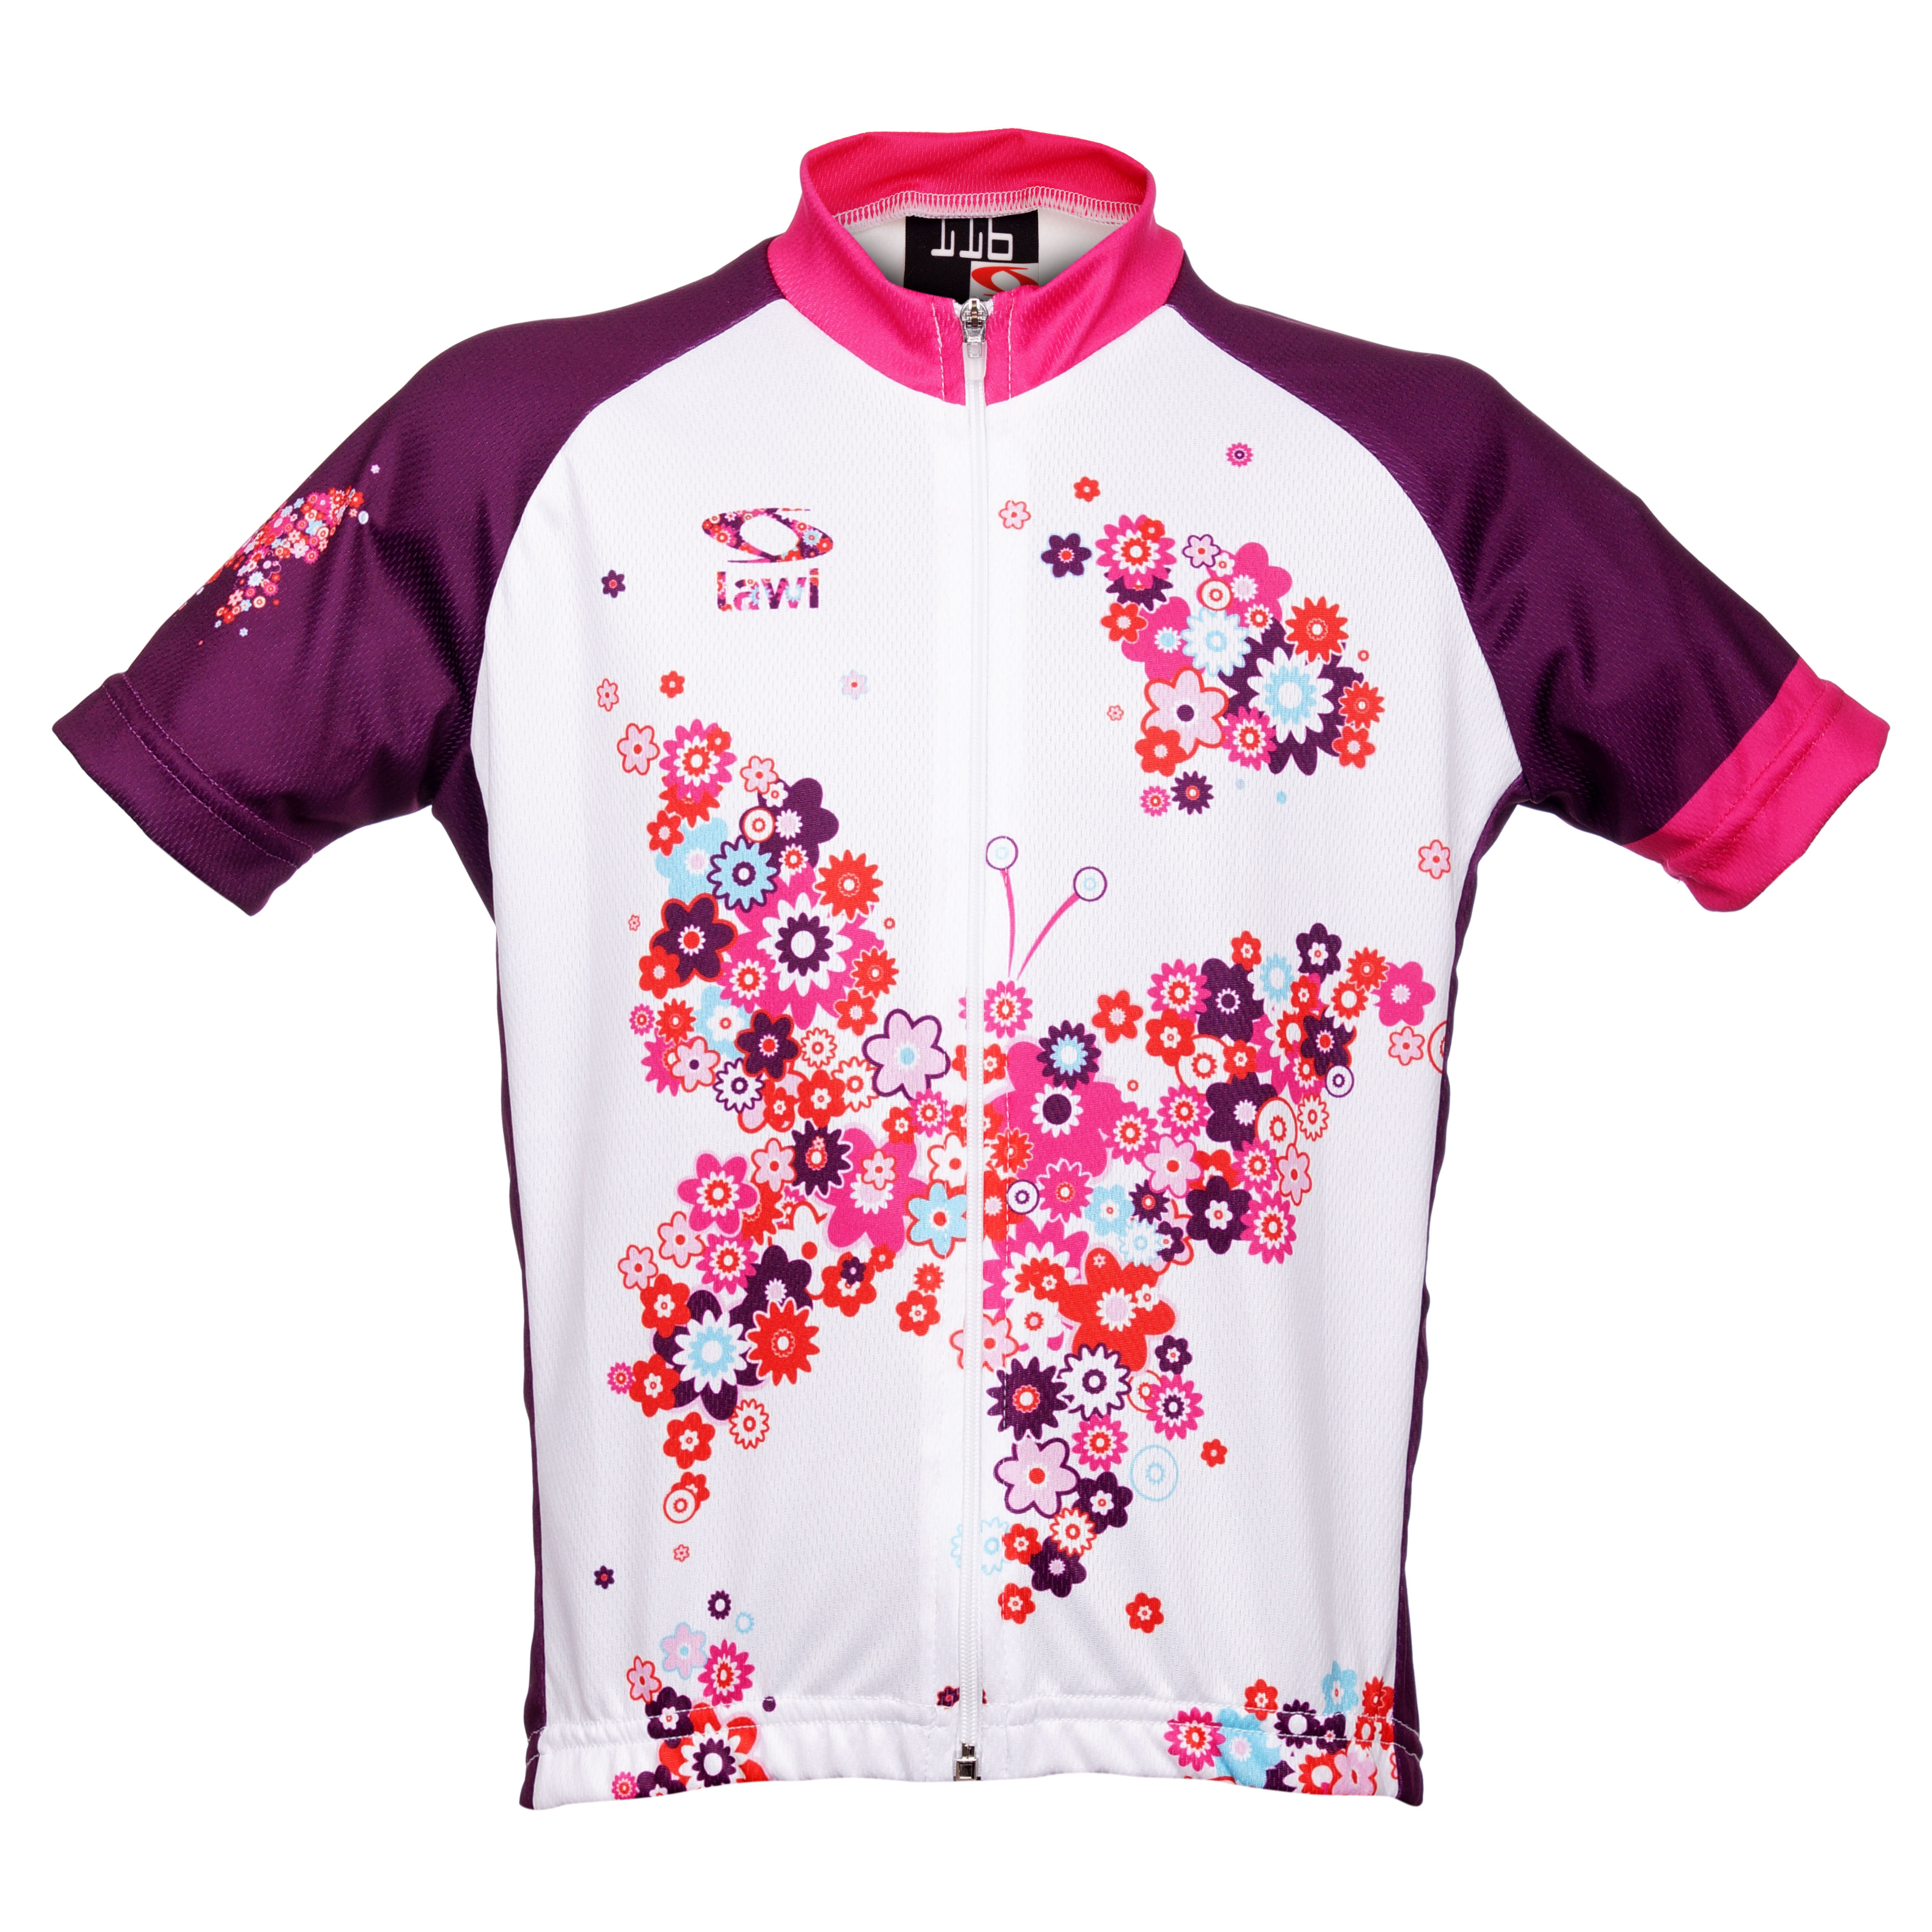 8dfa380f799a3 Dětský cyklistický dres Lilien